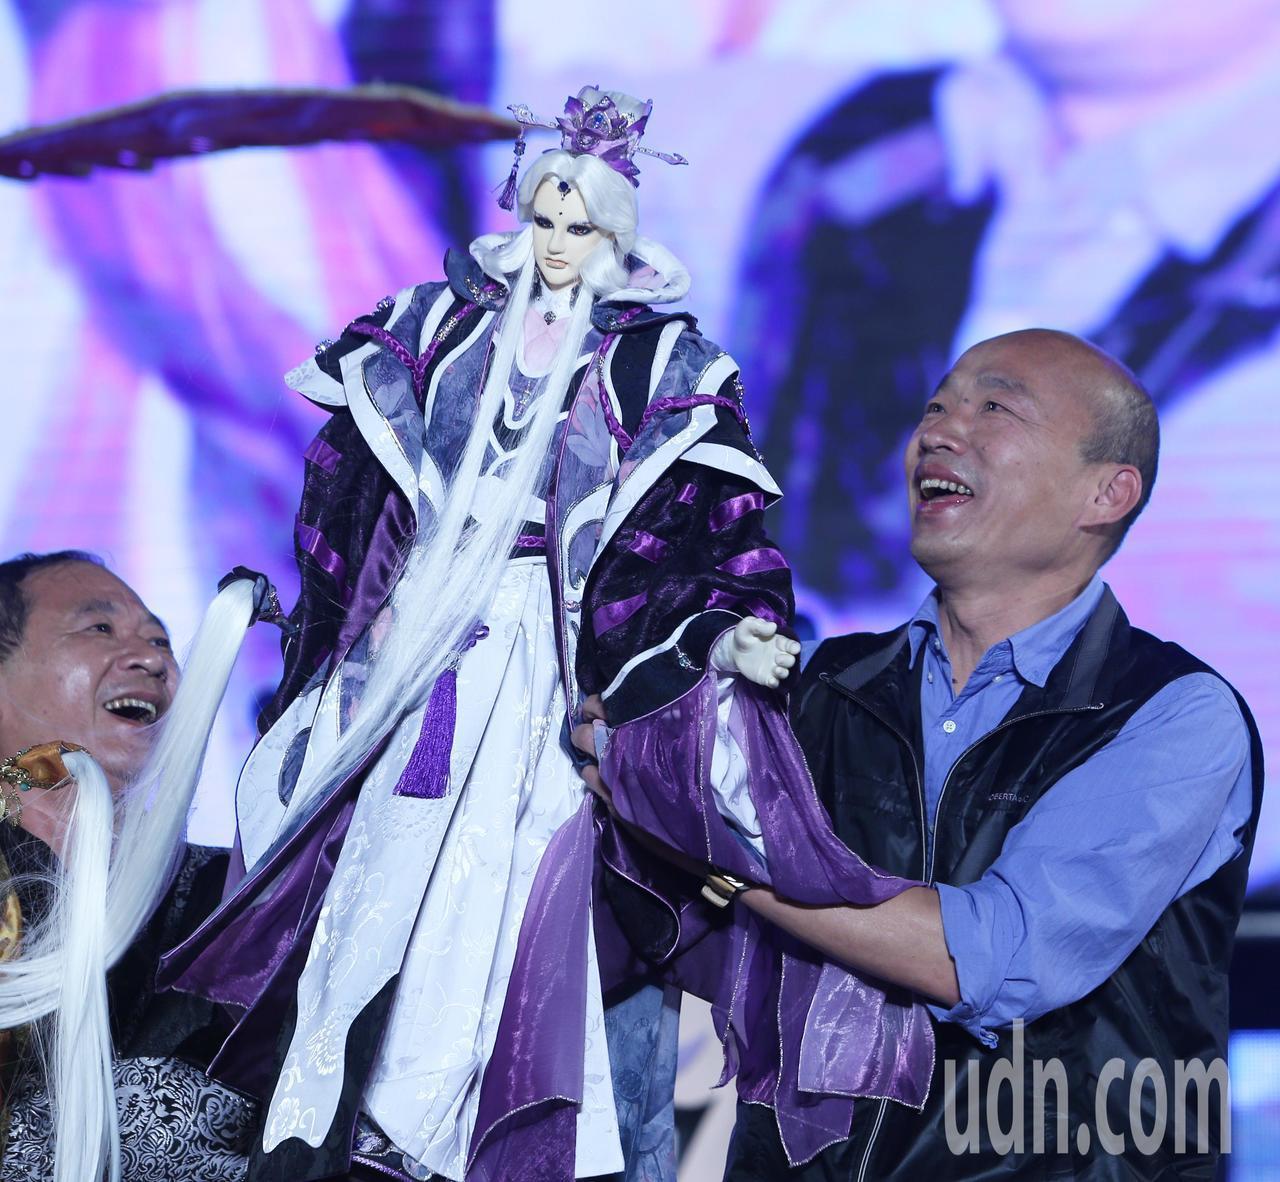 高雄市長韓國瑜今晚手拿素還真布袋戲偶出席高雄燈會金銀河開幕活動。記者劉學聖/攝影